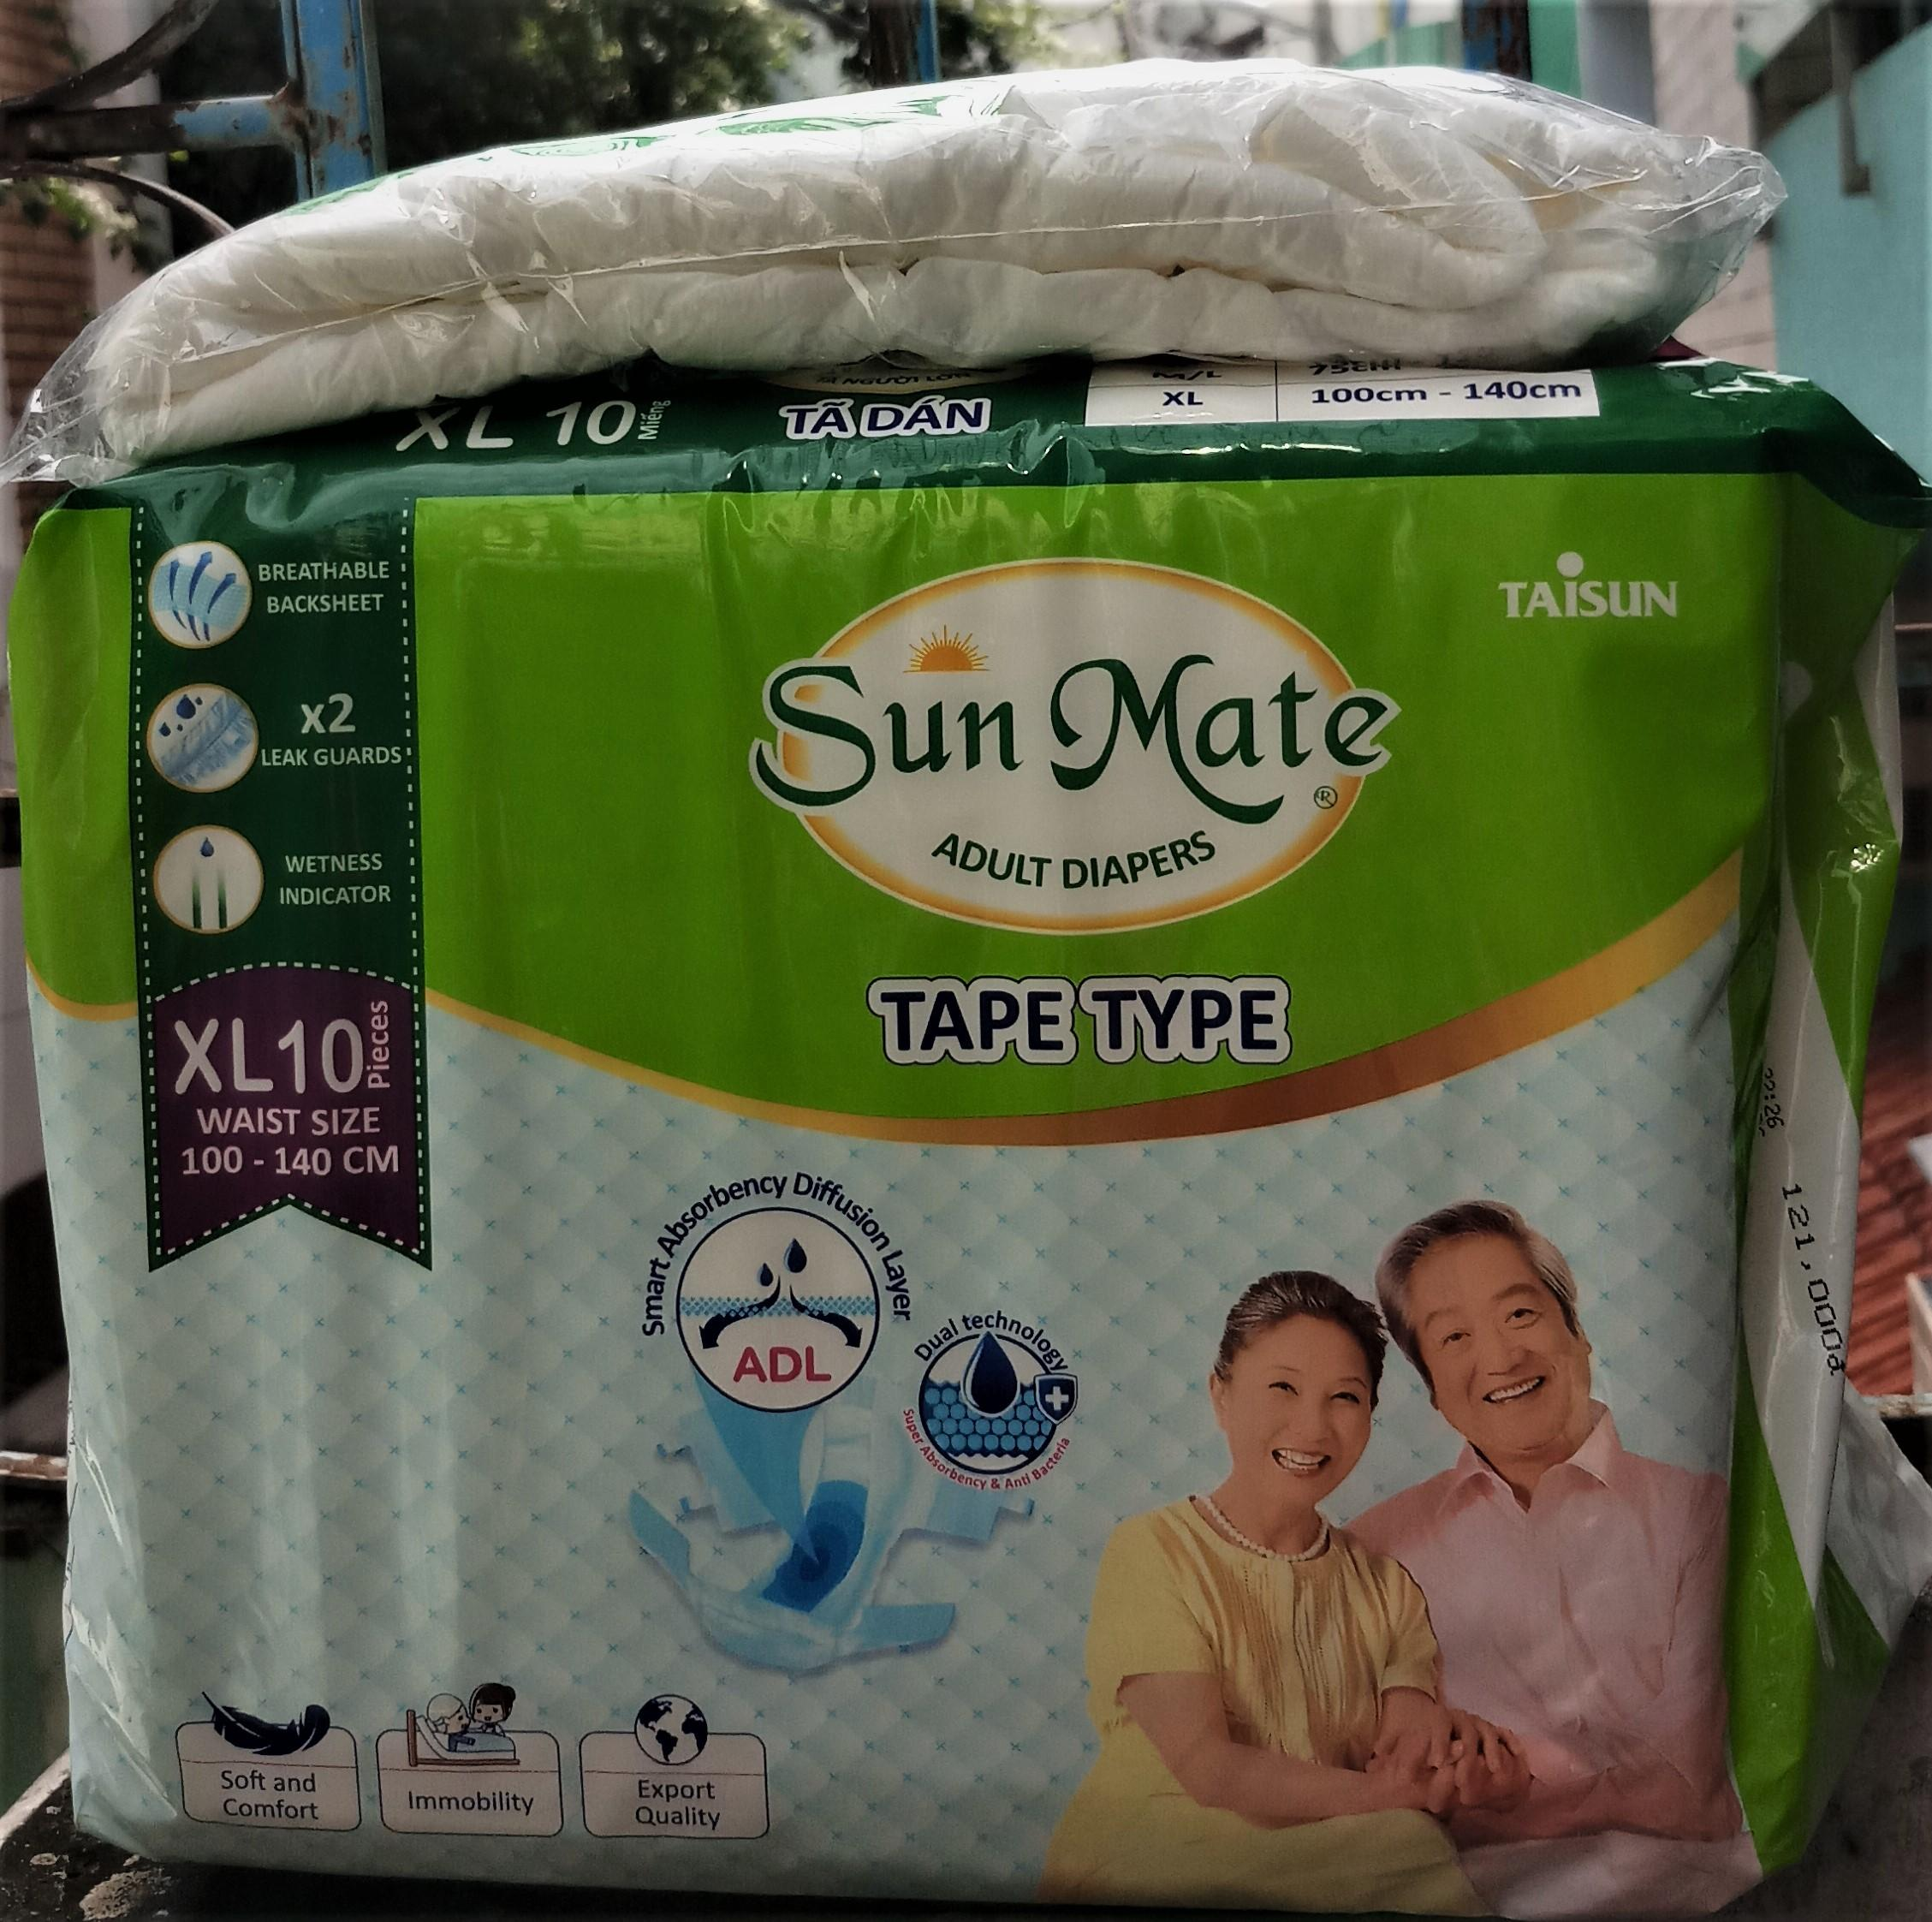 [Tặng 1 miếng tã dán Sunmate XL] Tã dán SunMate XL10 mẫu mới vòng bụng 100-140cm nhập khẩu